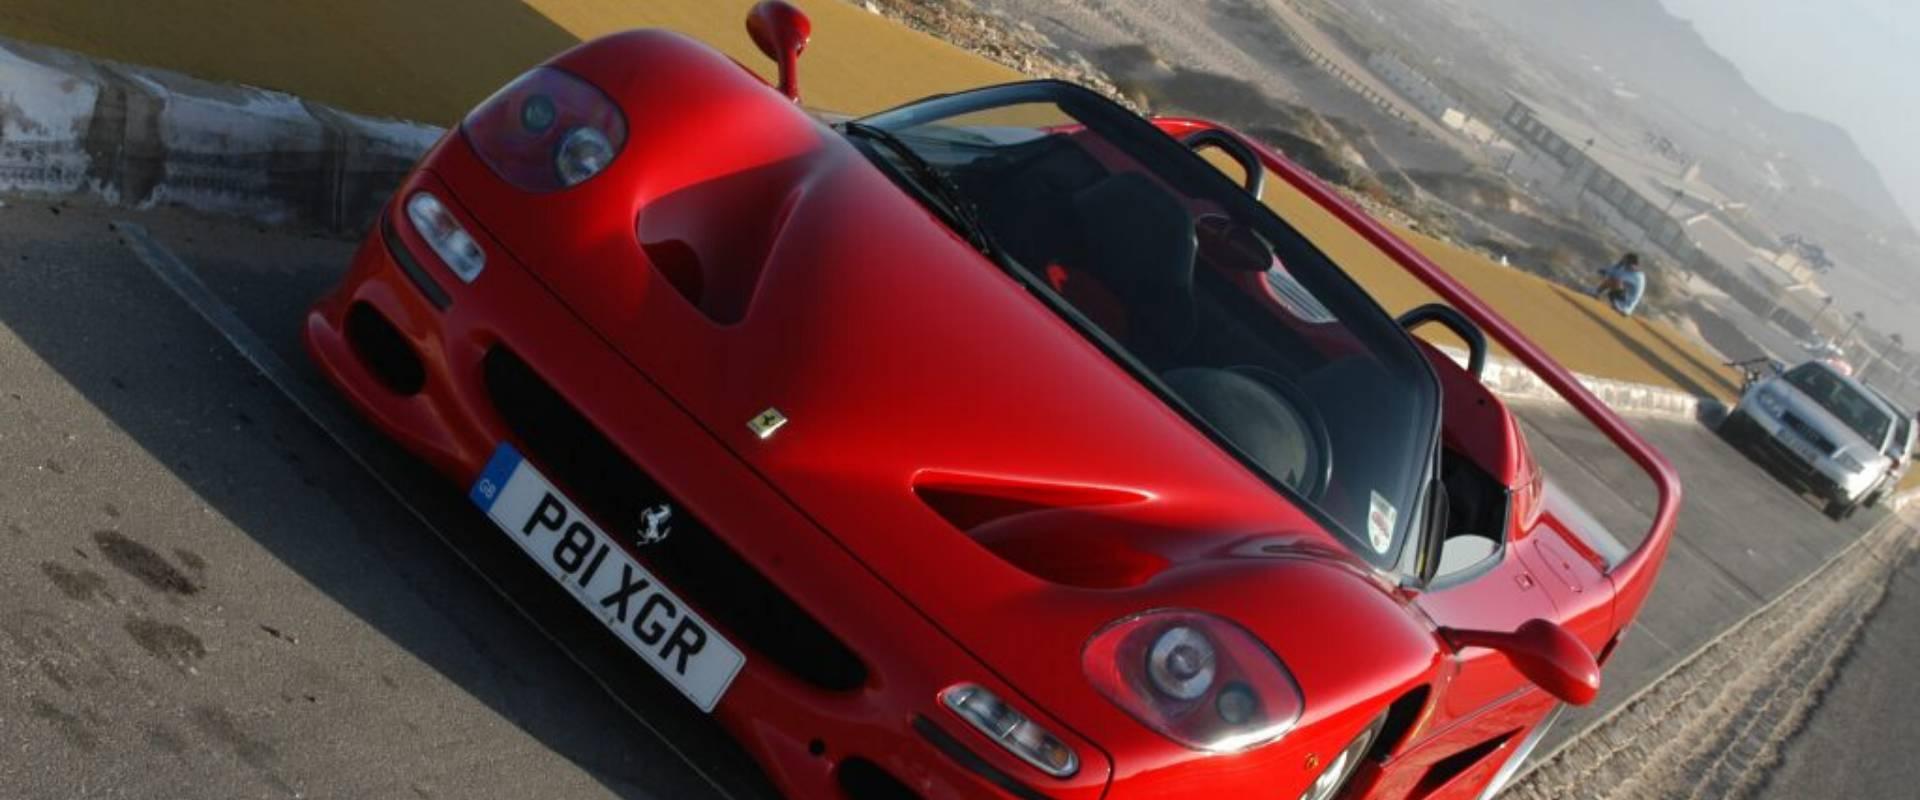 My Ferrari History: Part 2, F50-599GTB